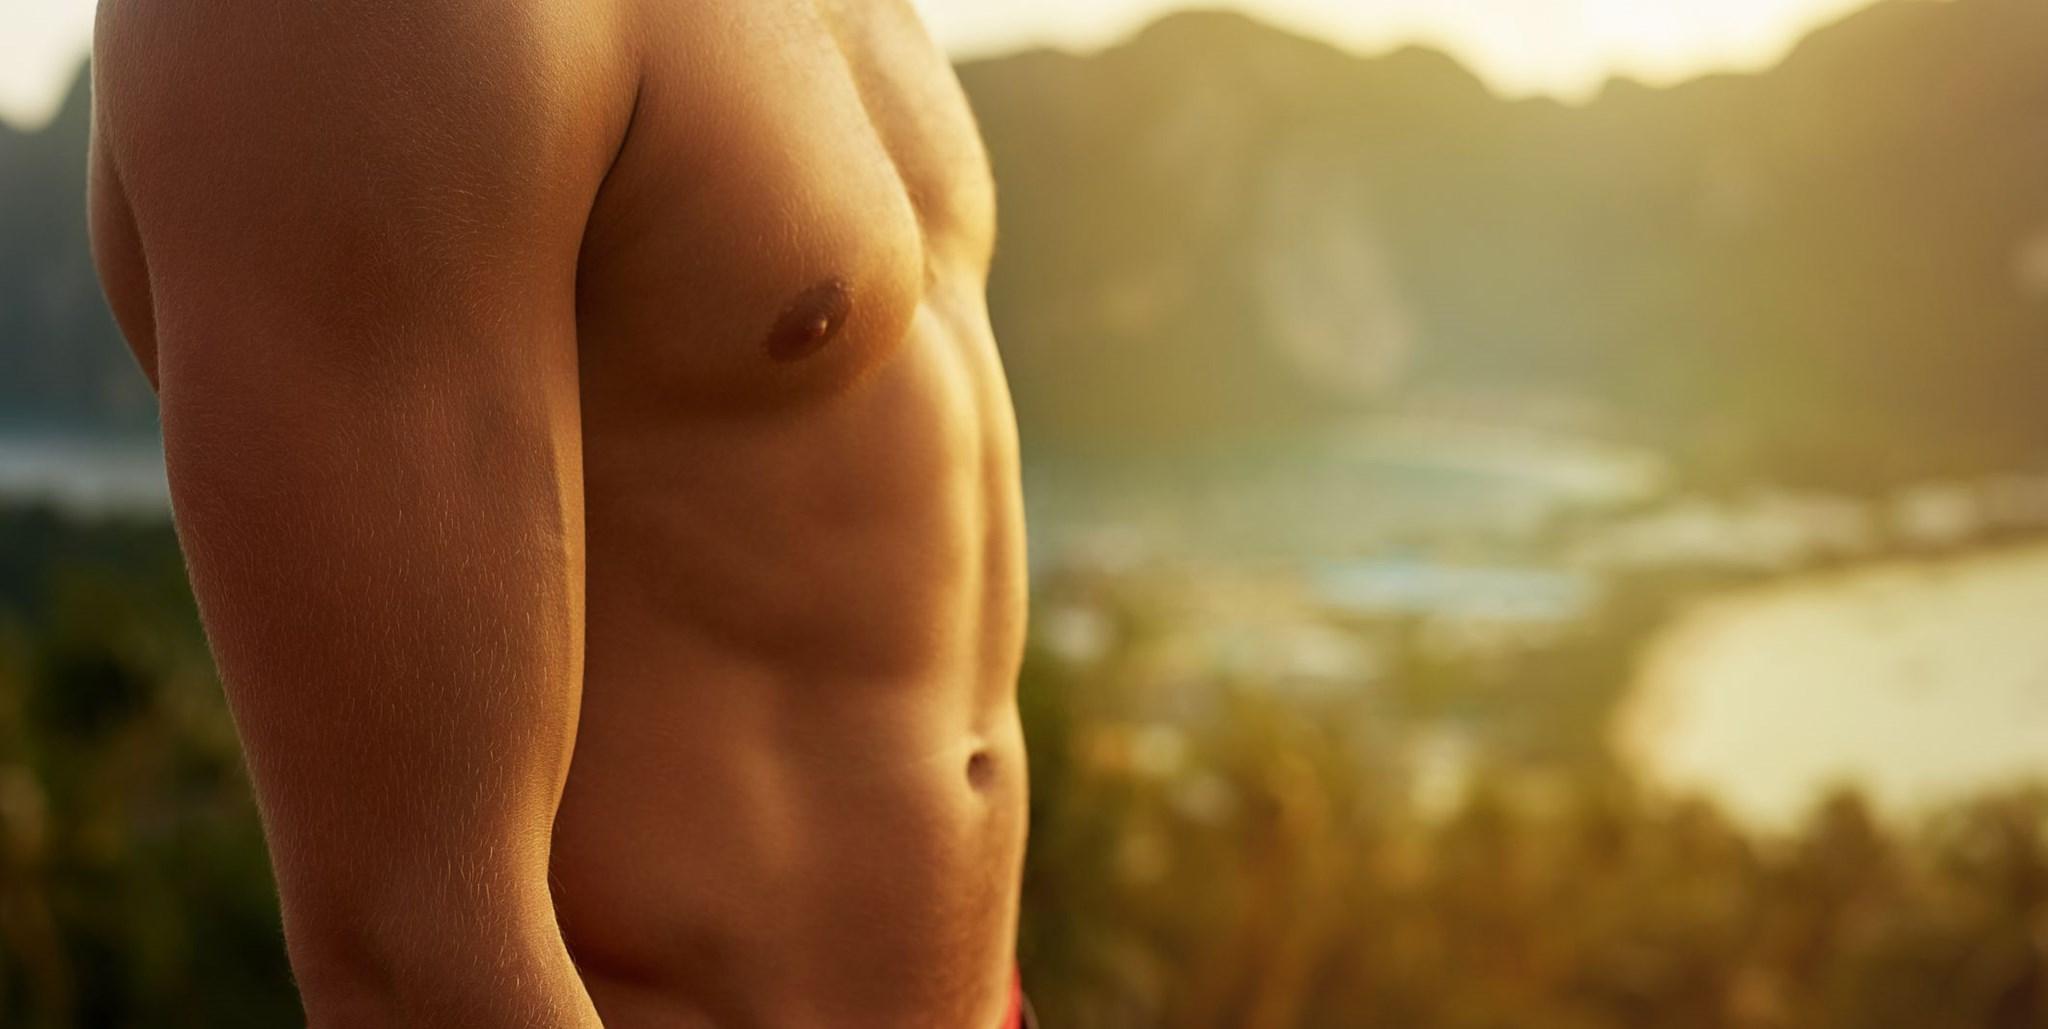 δωρεάν τοπικό σεξ βίντεο Milf λεσβίες γυμνό